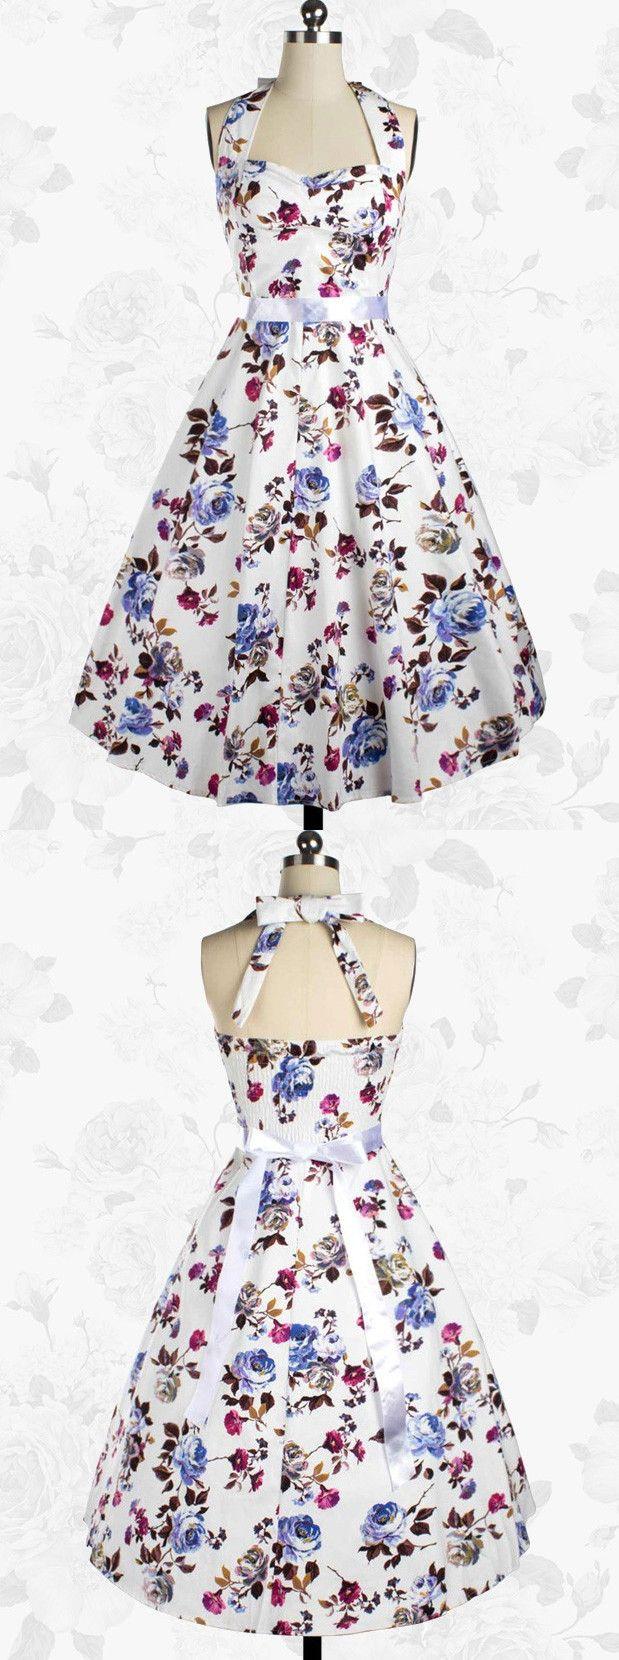 50s vintage dresses,vintage dresses for teens,vintage dresses for girls,1950's vintage dresses